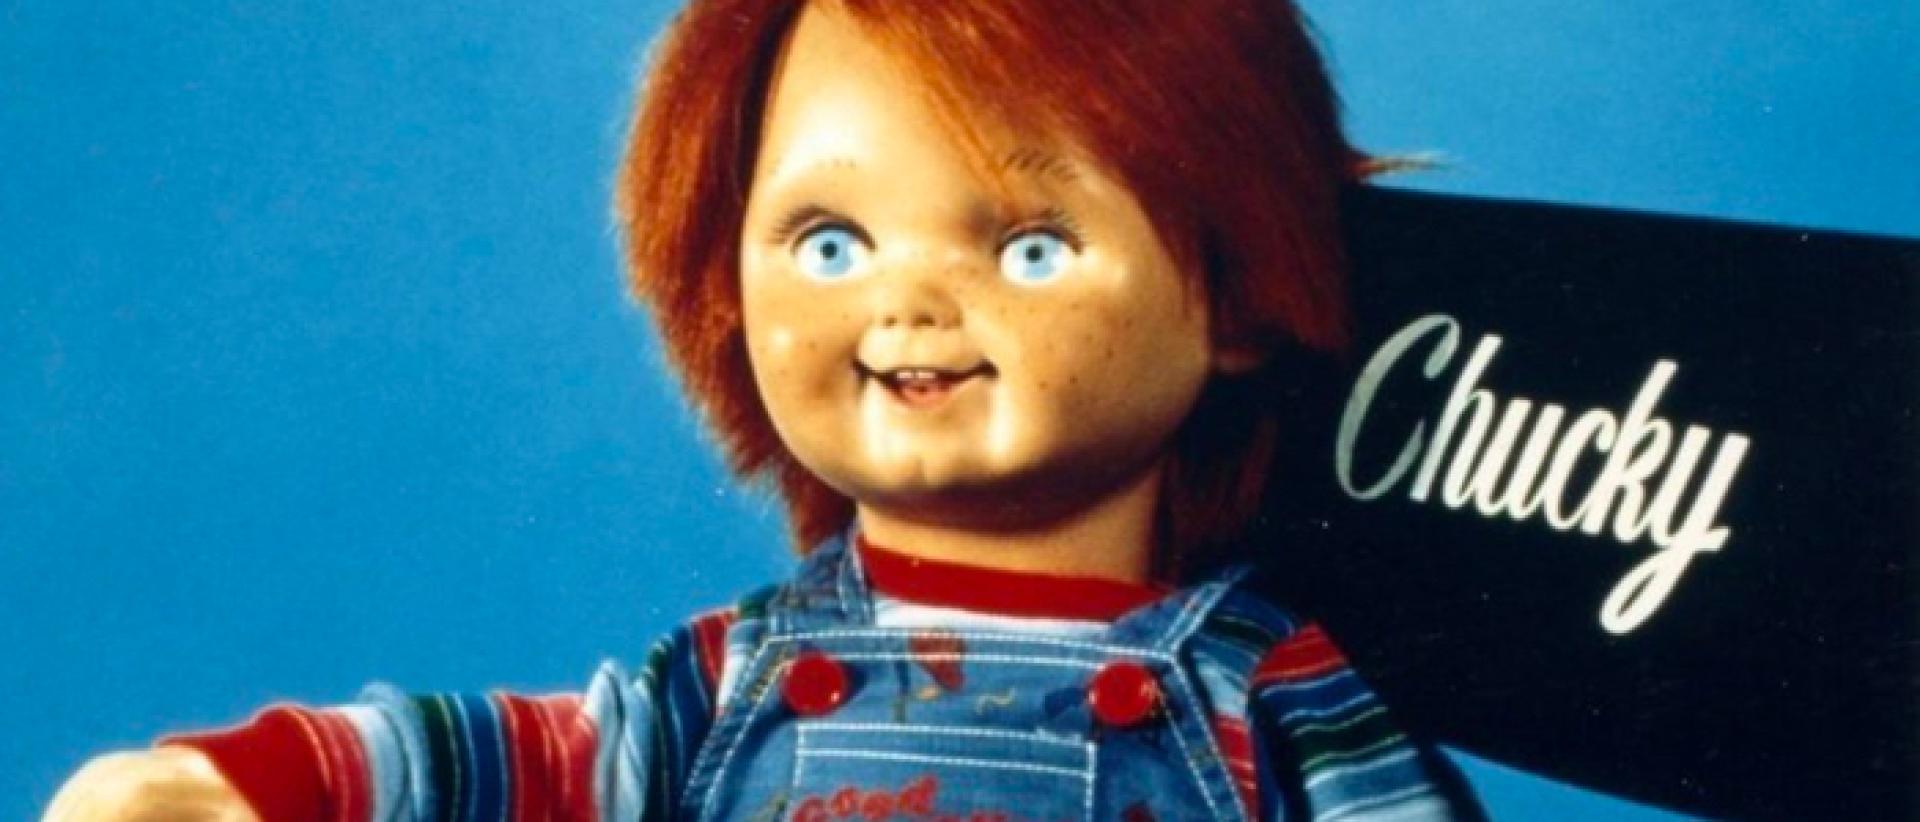 Chucky még mindig nem végzett